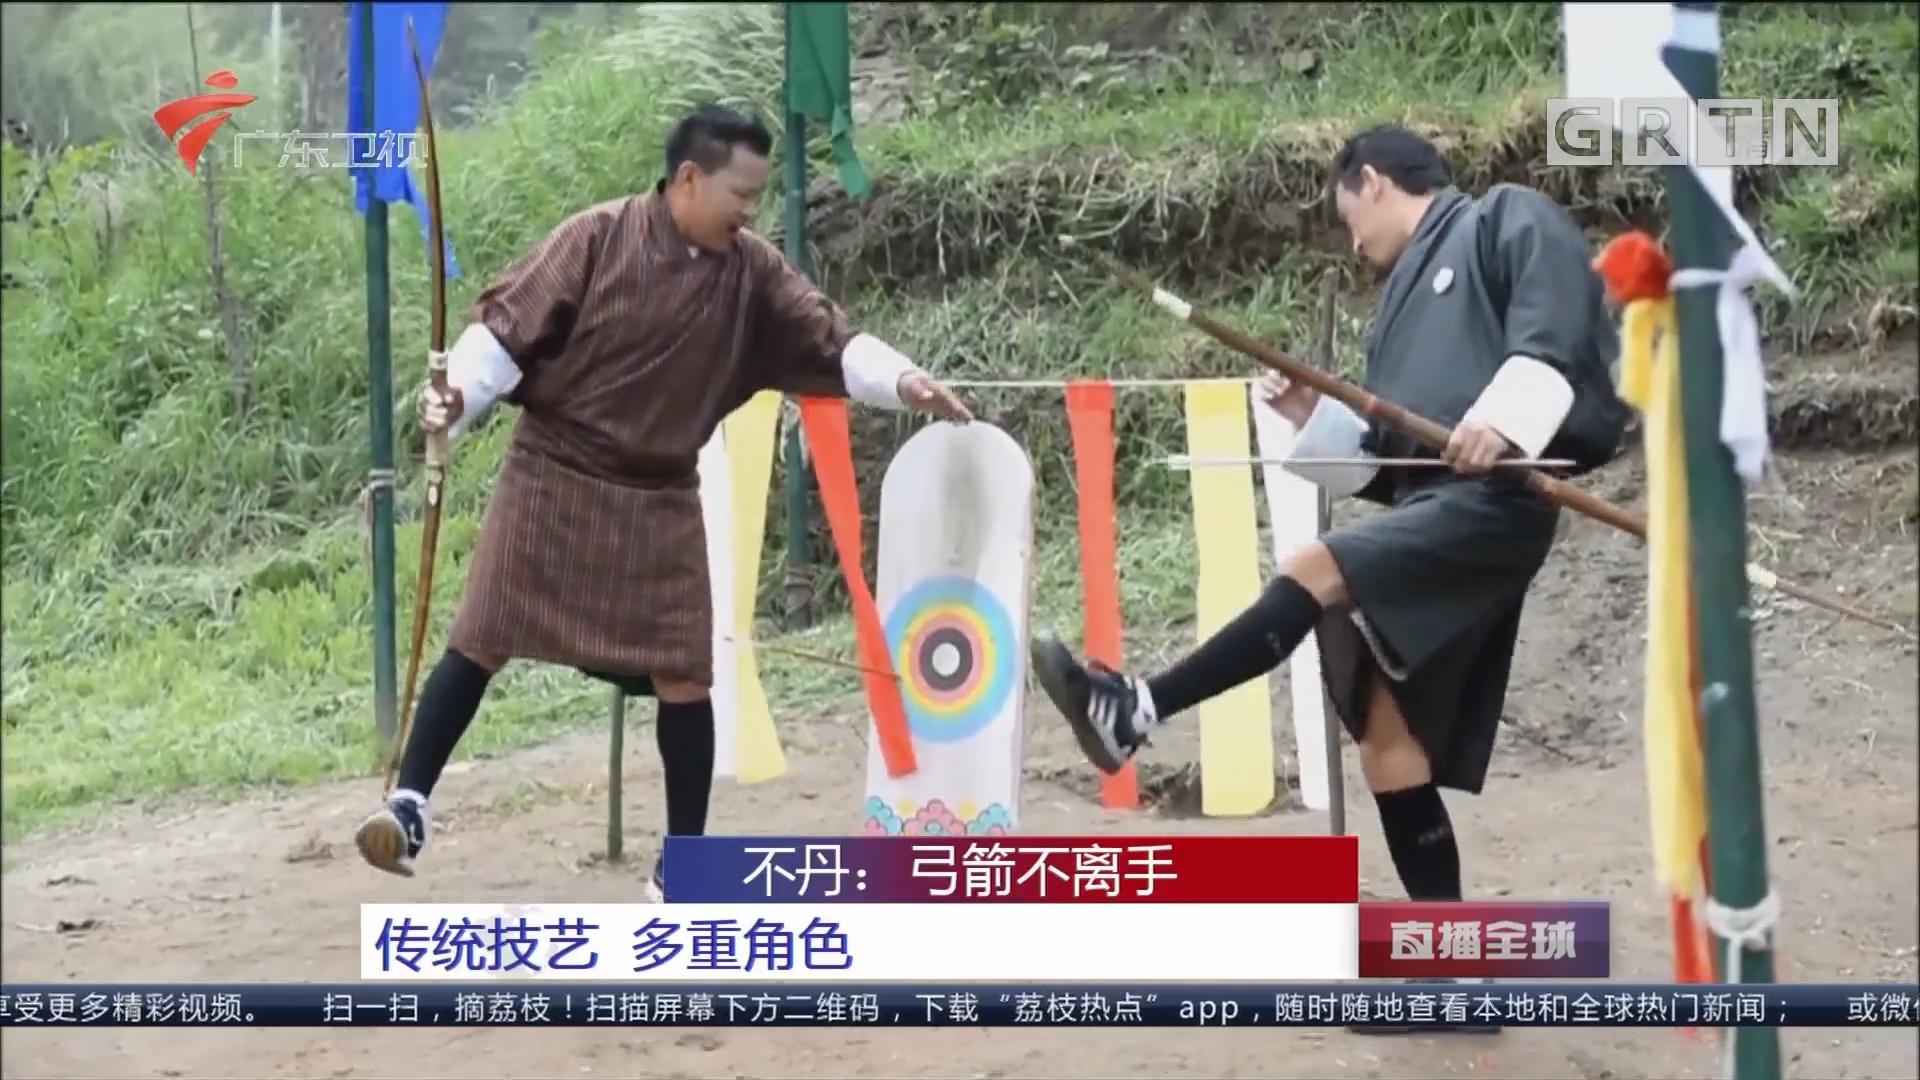 不丹:弓箭不离手 传统技艺 多重角色